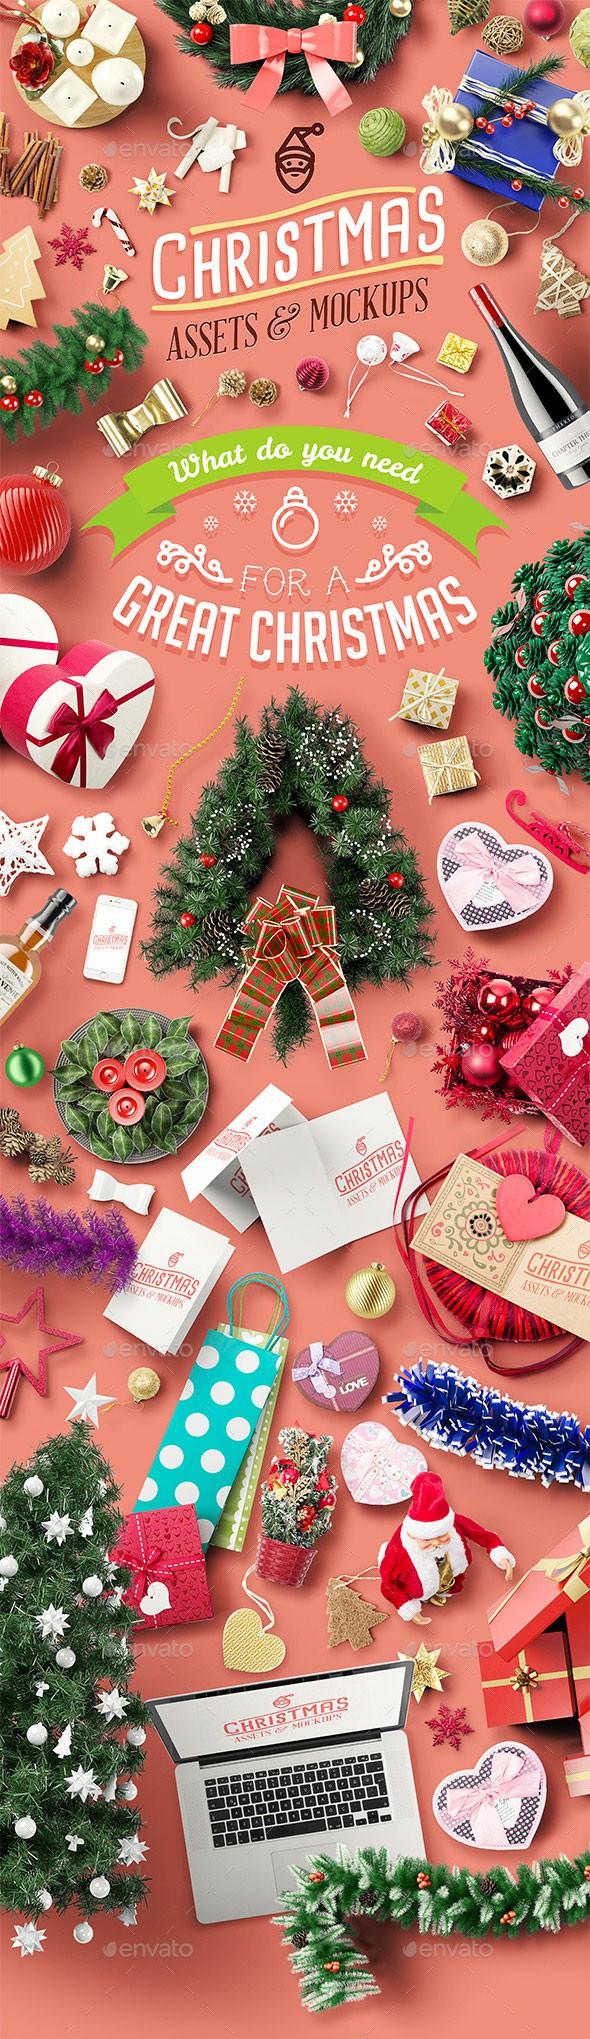 christmasmock